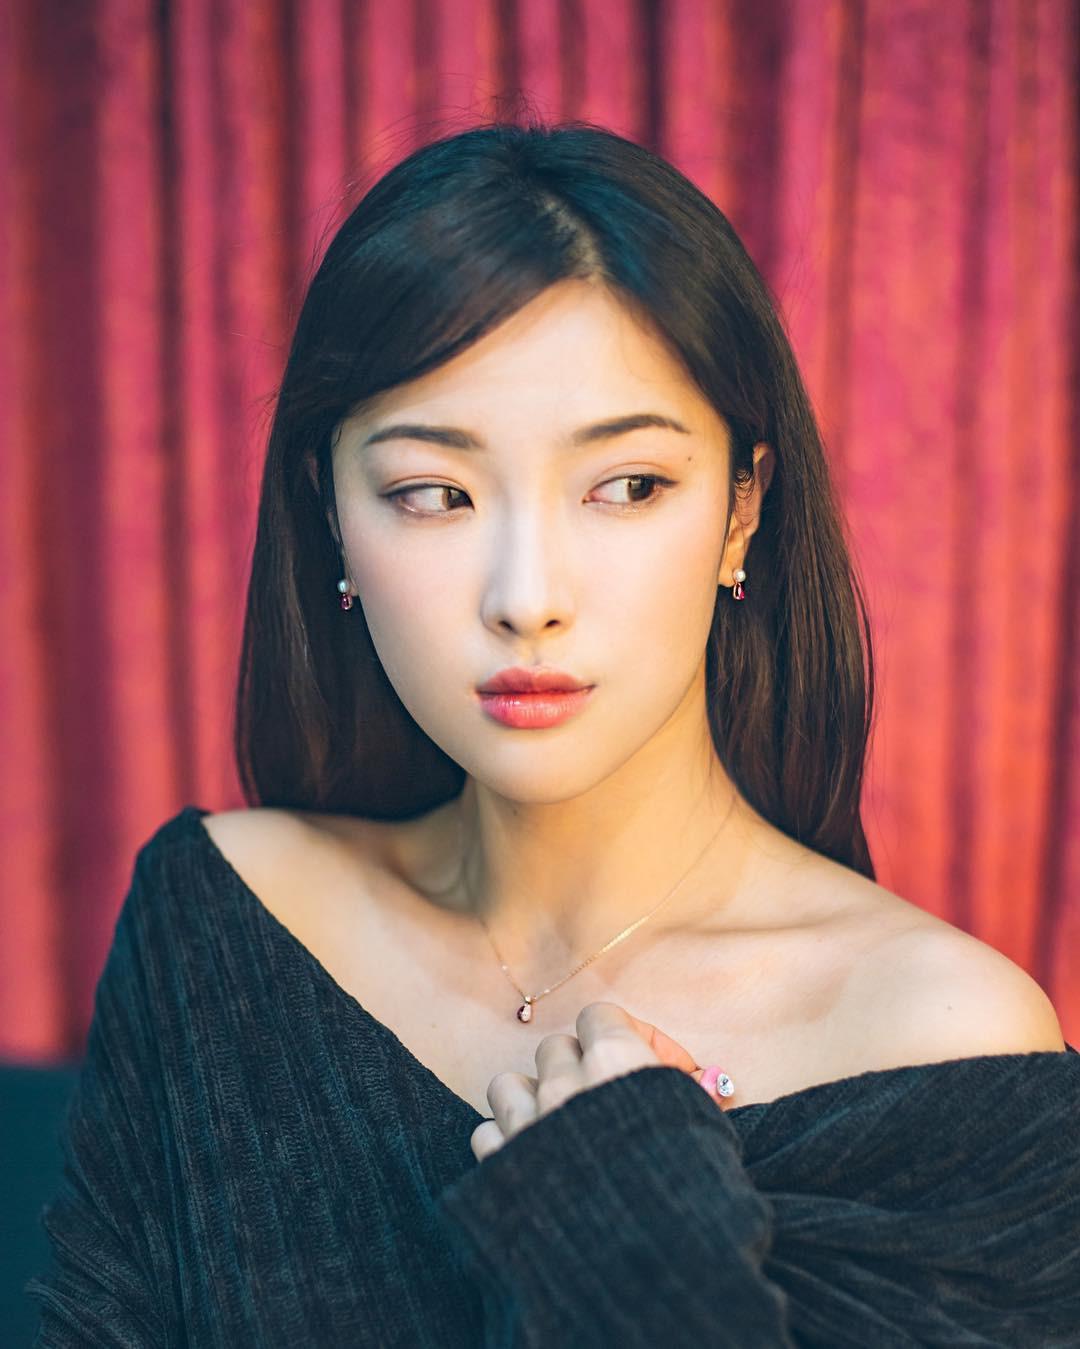 Nhật ký ung thư đầy lạc quan của Beauty Blogger Hàn Quốc: Nụ cười luôn thường trực trên môi, rồi tóc sẽ mọc lại thôi - Ảnh 9.